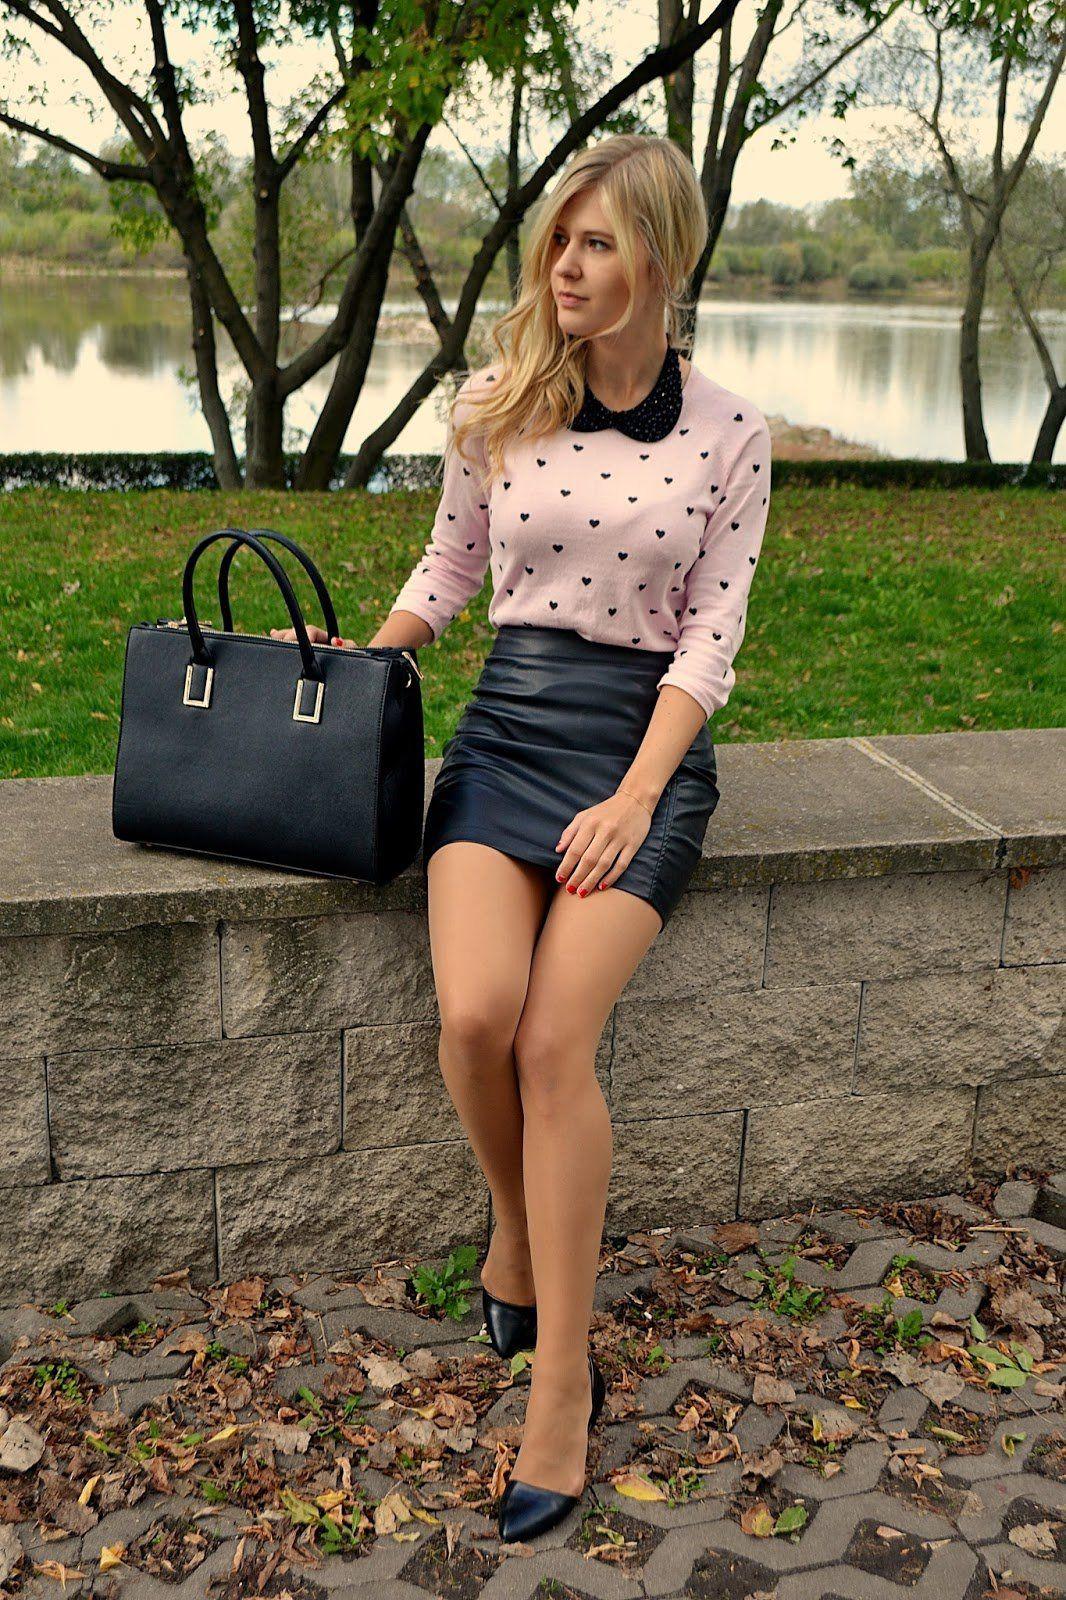 Pin de Ritah Jones en Pense Moda   Moda estilo, Estilo elegante, Moda